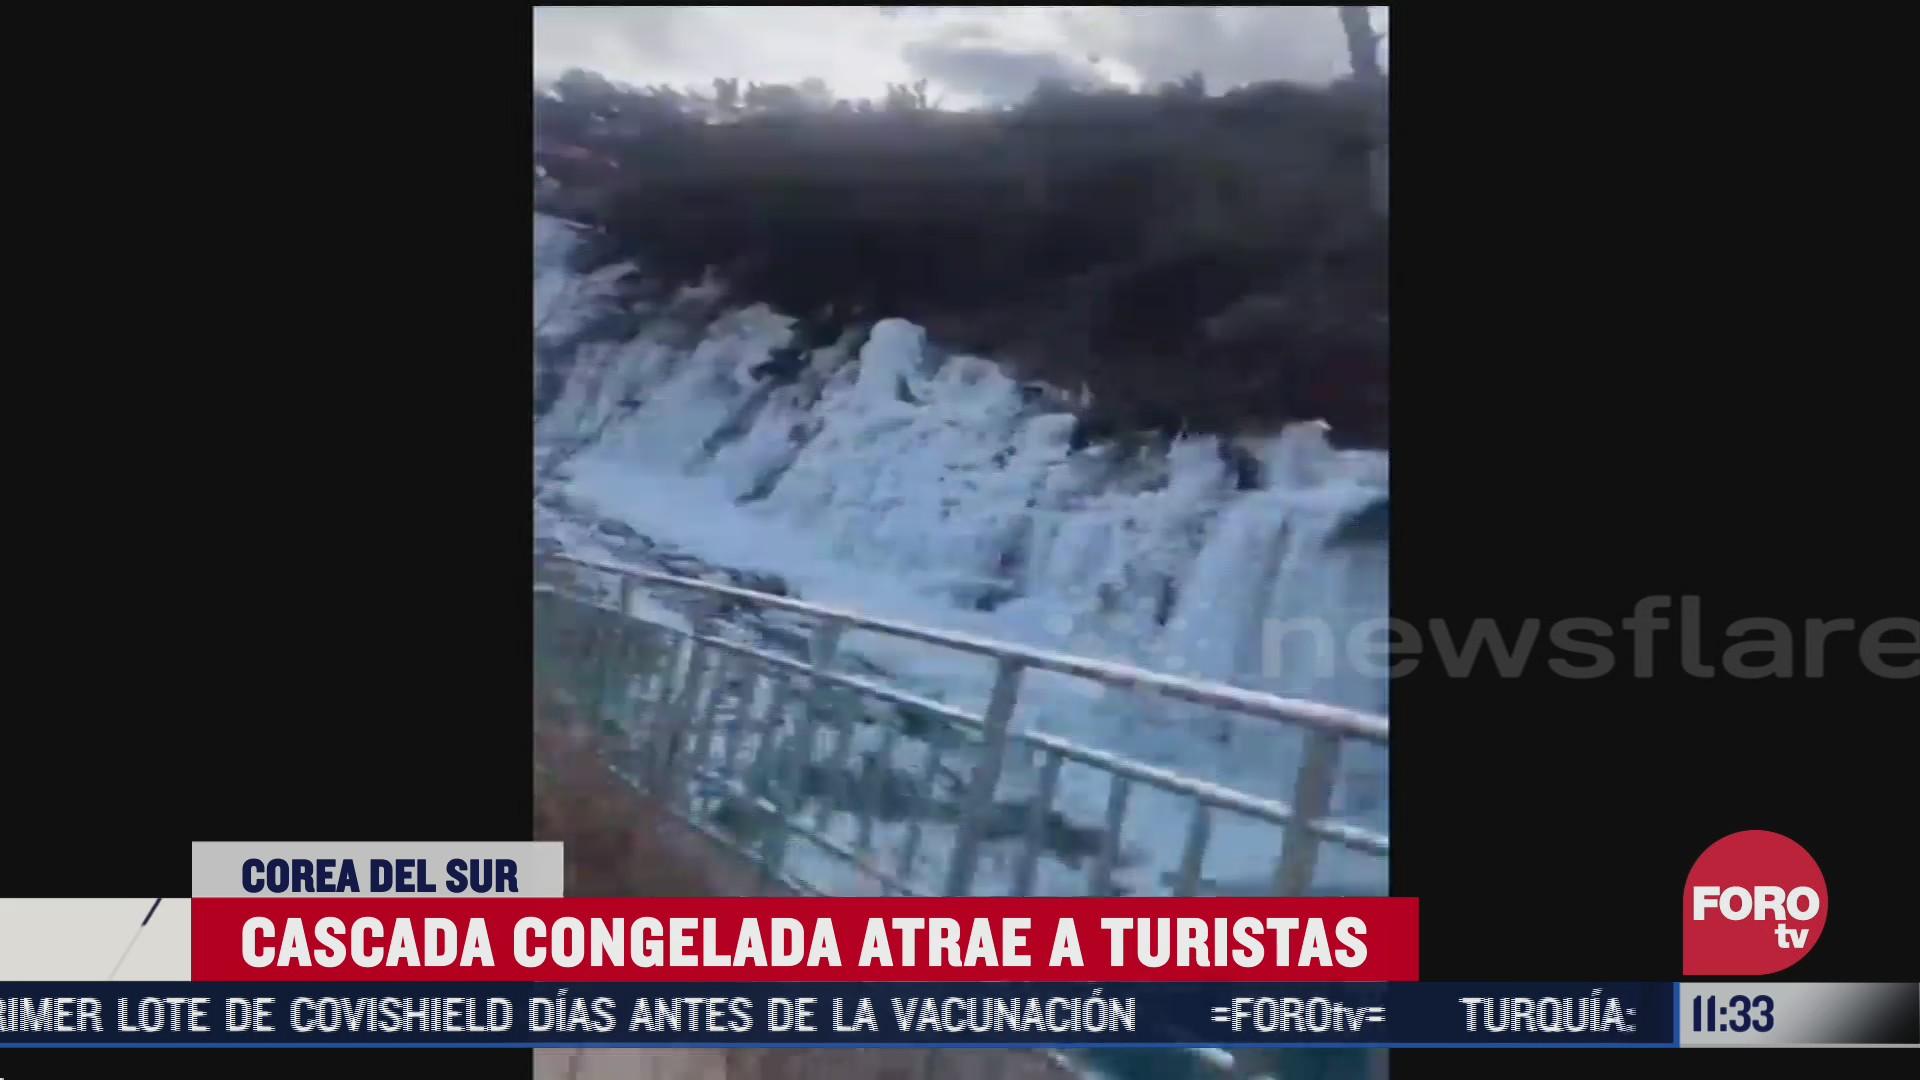 cascada congelada atrae a turistas en corea del sur